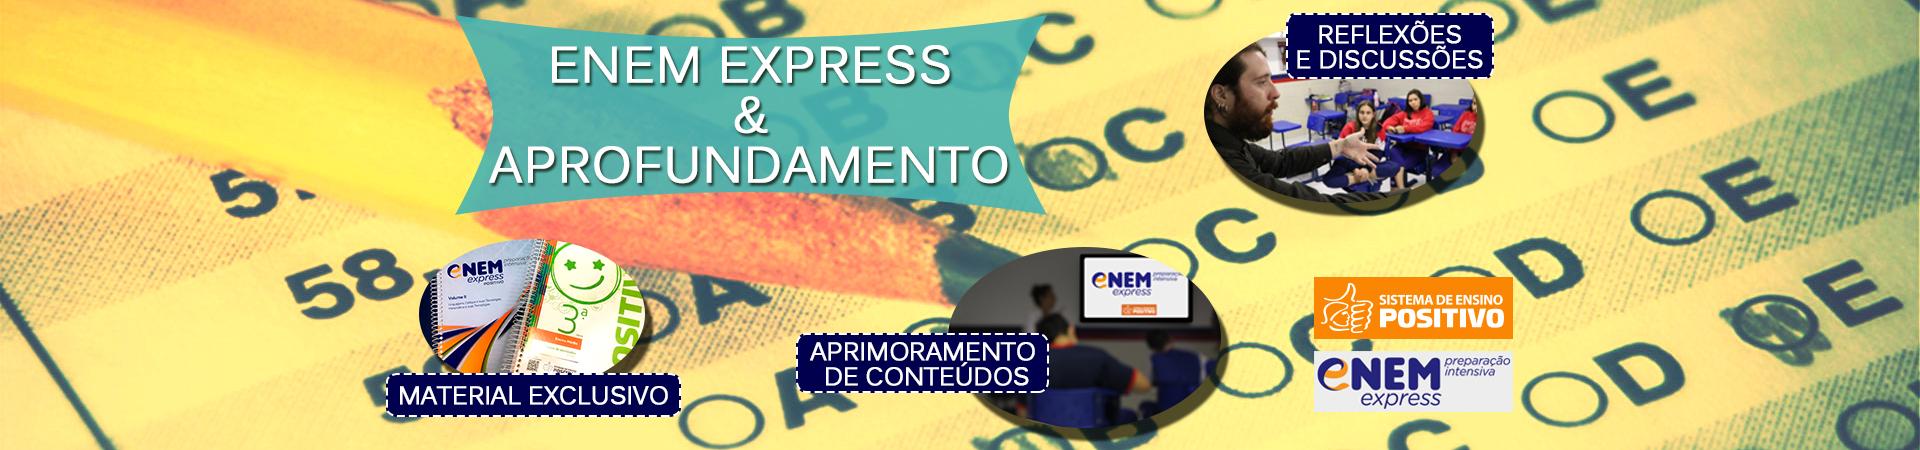 slide-enem2